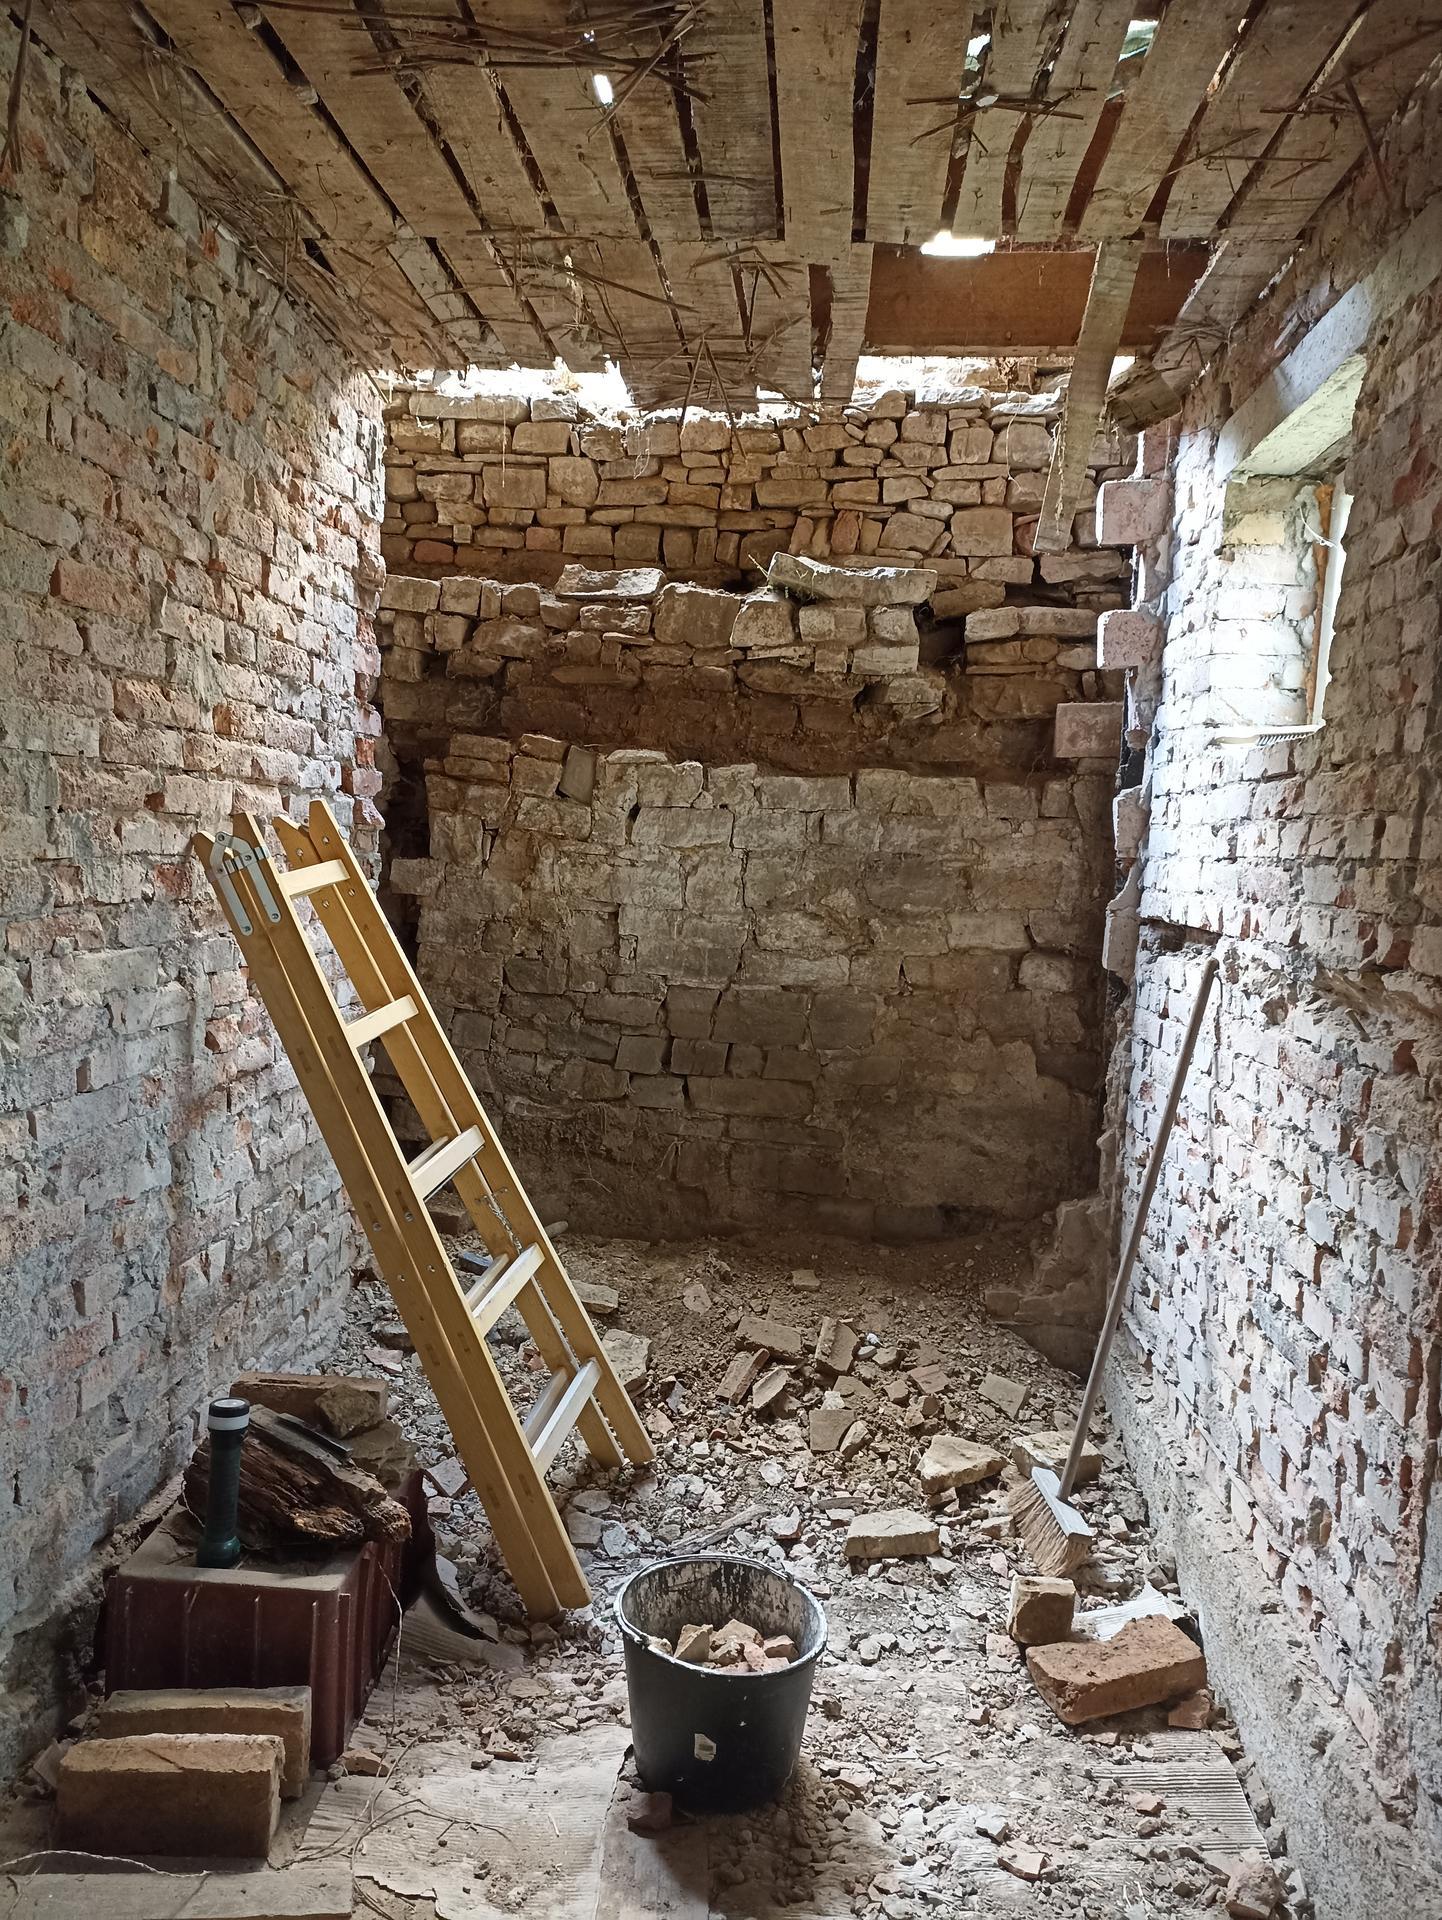 Koupelna - Všechno pryč, bude se kopat základ a stavět opěrná zeď 😕